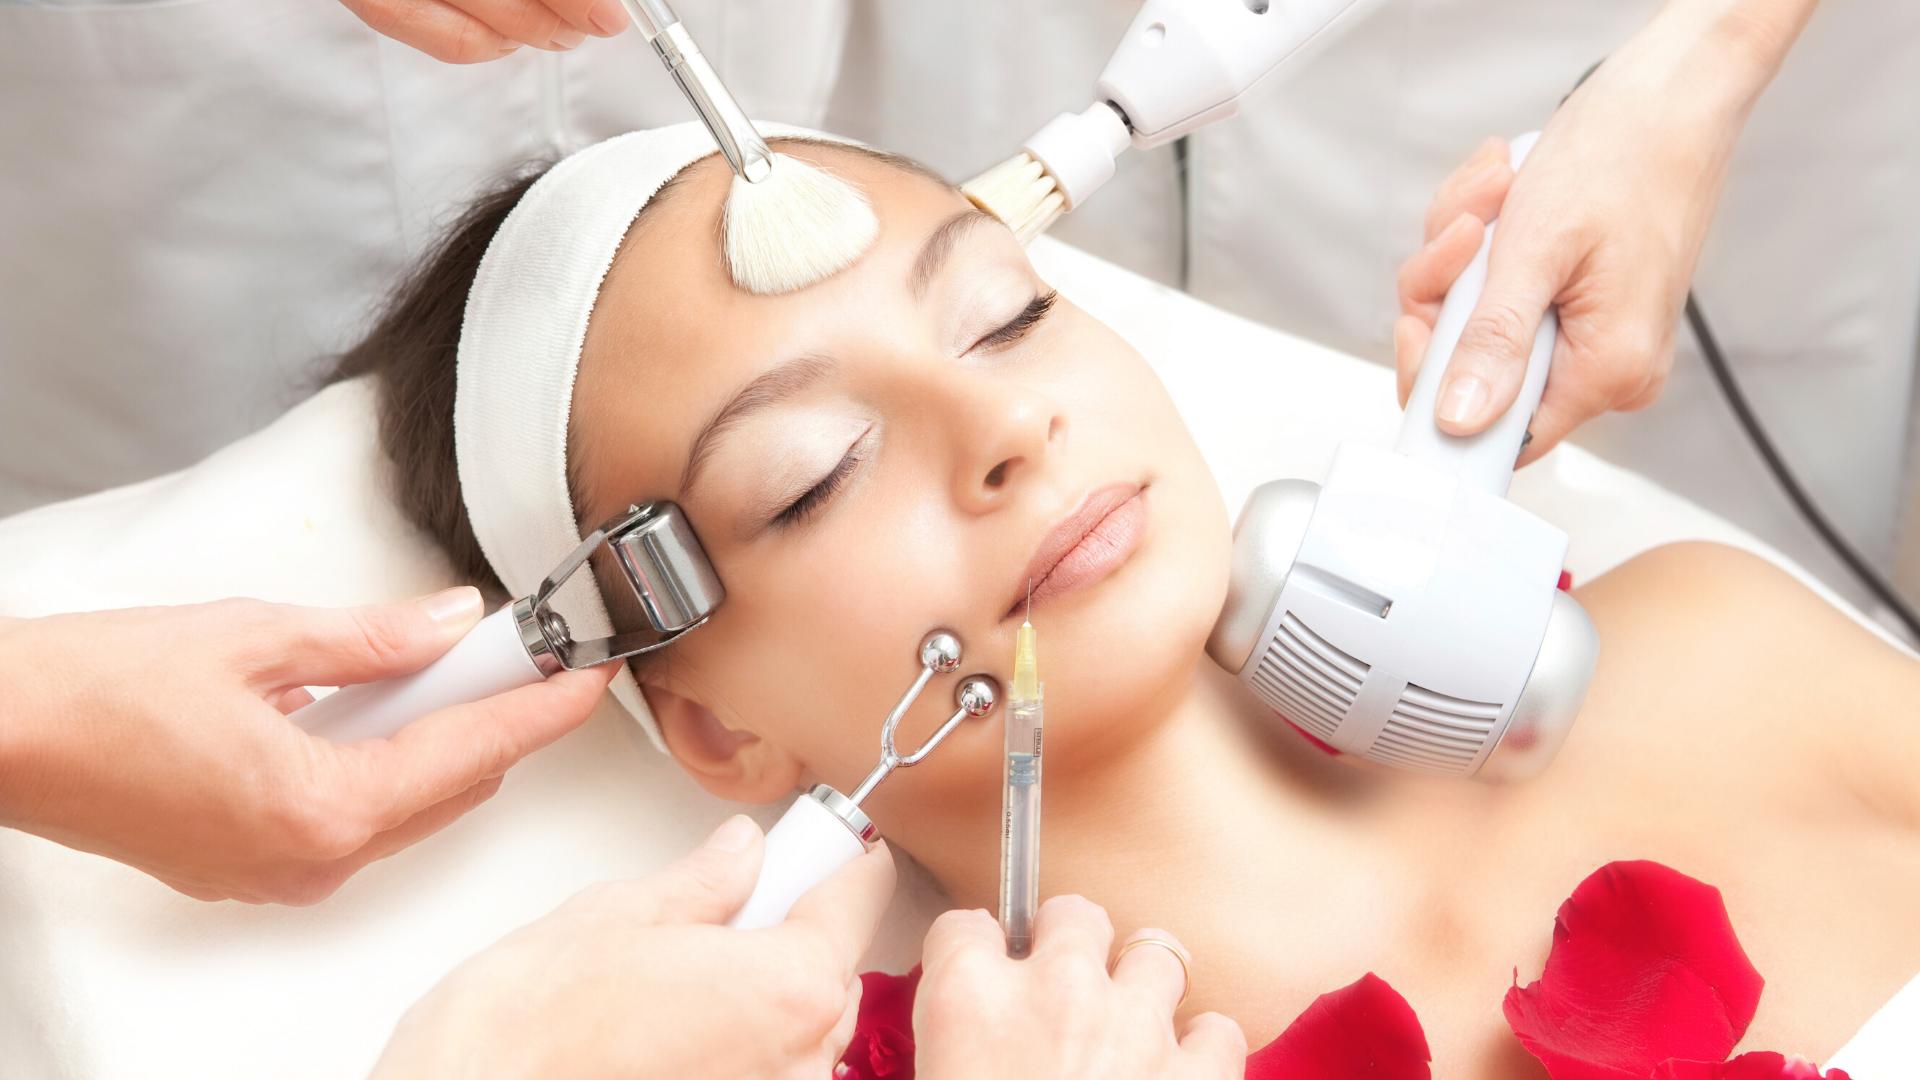 Специалисты, оказывающие косметологические услуги